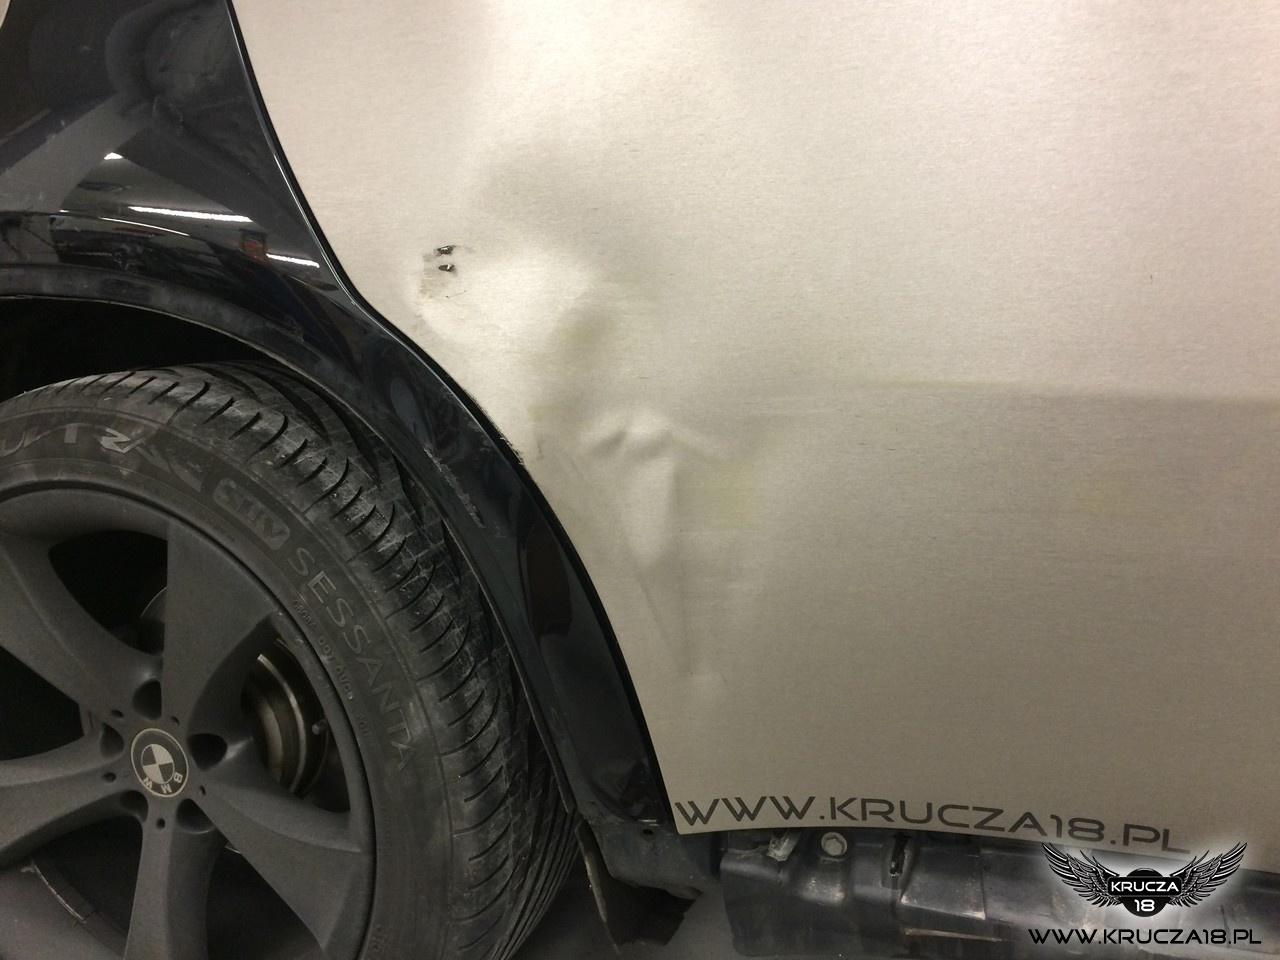 BMW X6 : naprawa blacharsko-lakiernicza : szczotkowane aluminium : Krucza18 : Osielsko/k.Bydgoszczy